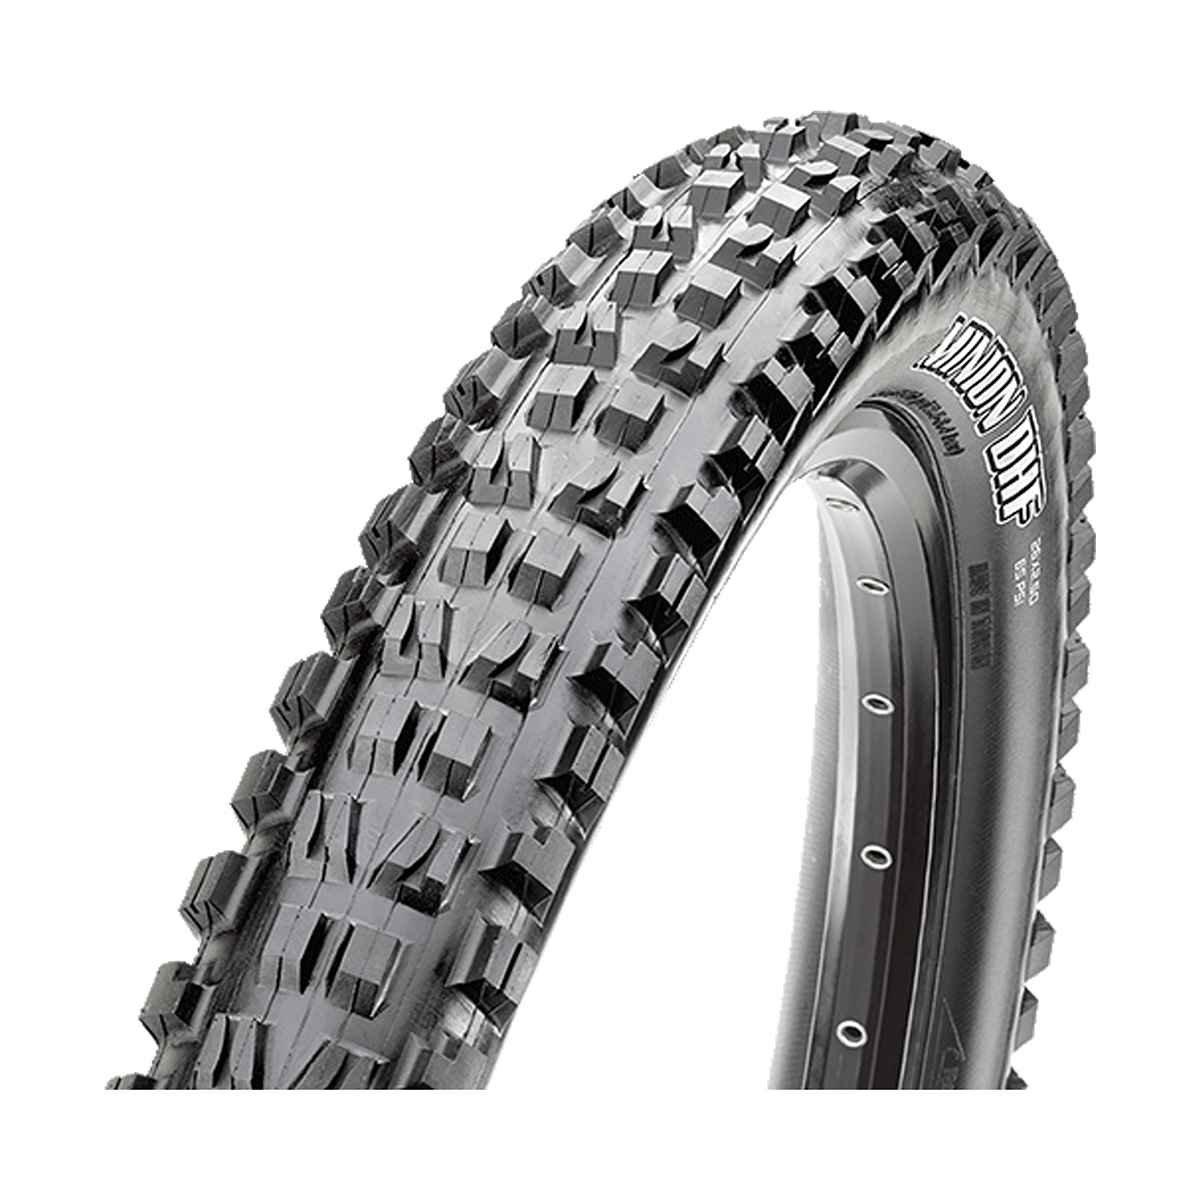 """29 x 2.30/"""" Folding 60tpi 3C MaxxTerra Tubeless Ready Maxxis Minion DHF Tire"""